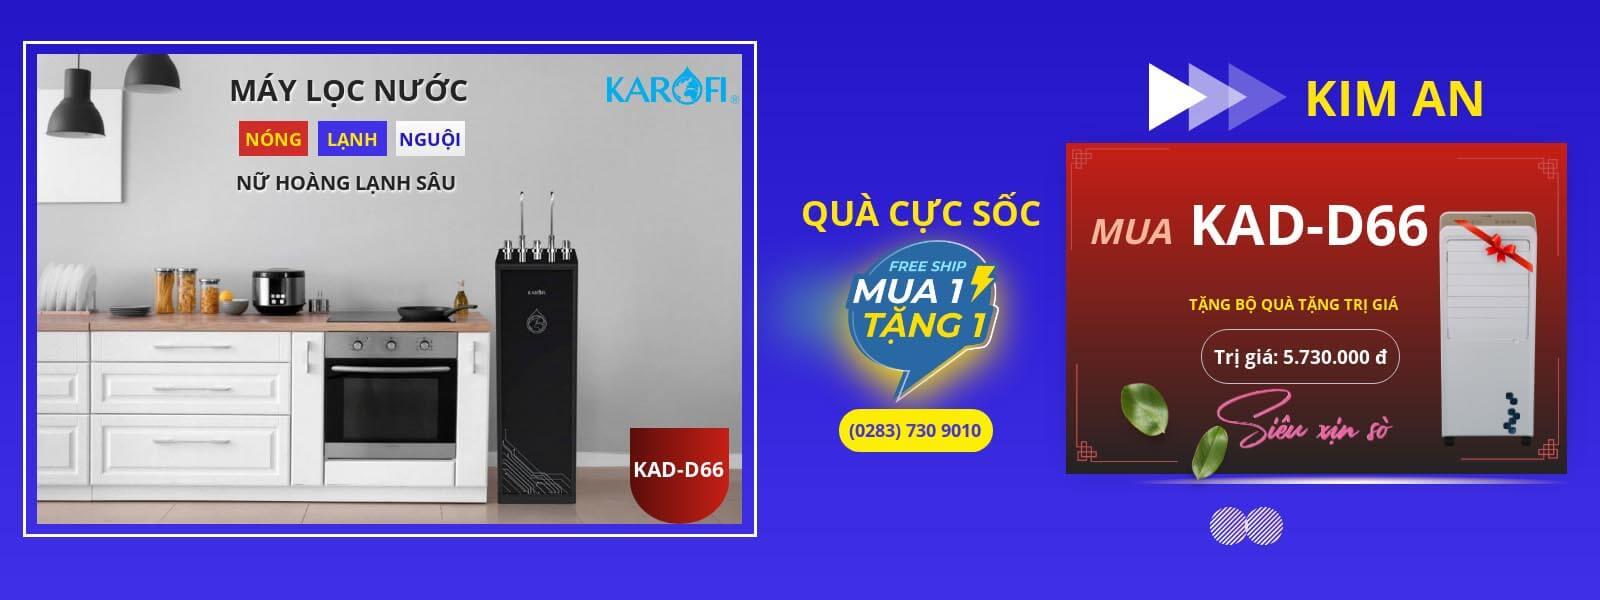 KAD D66 1600x600 1 1 1